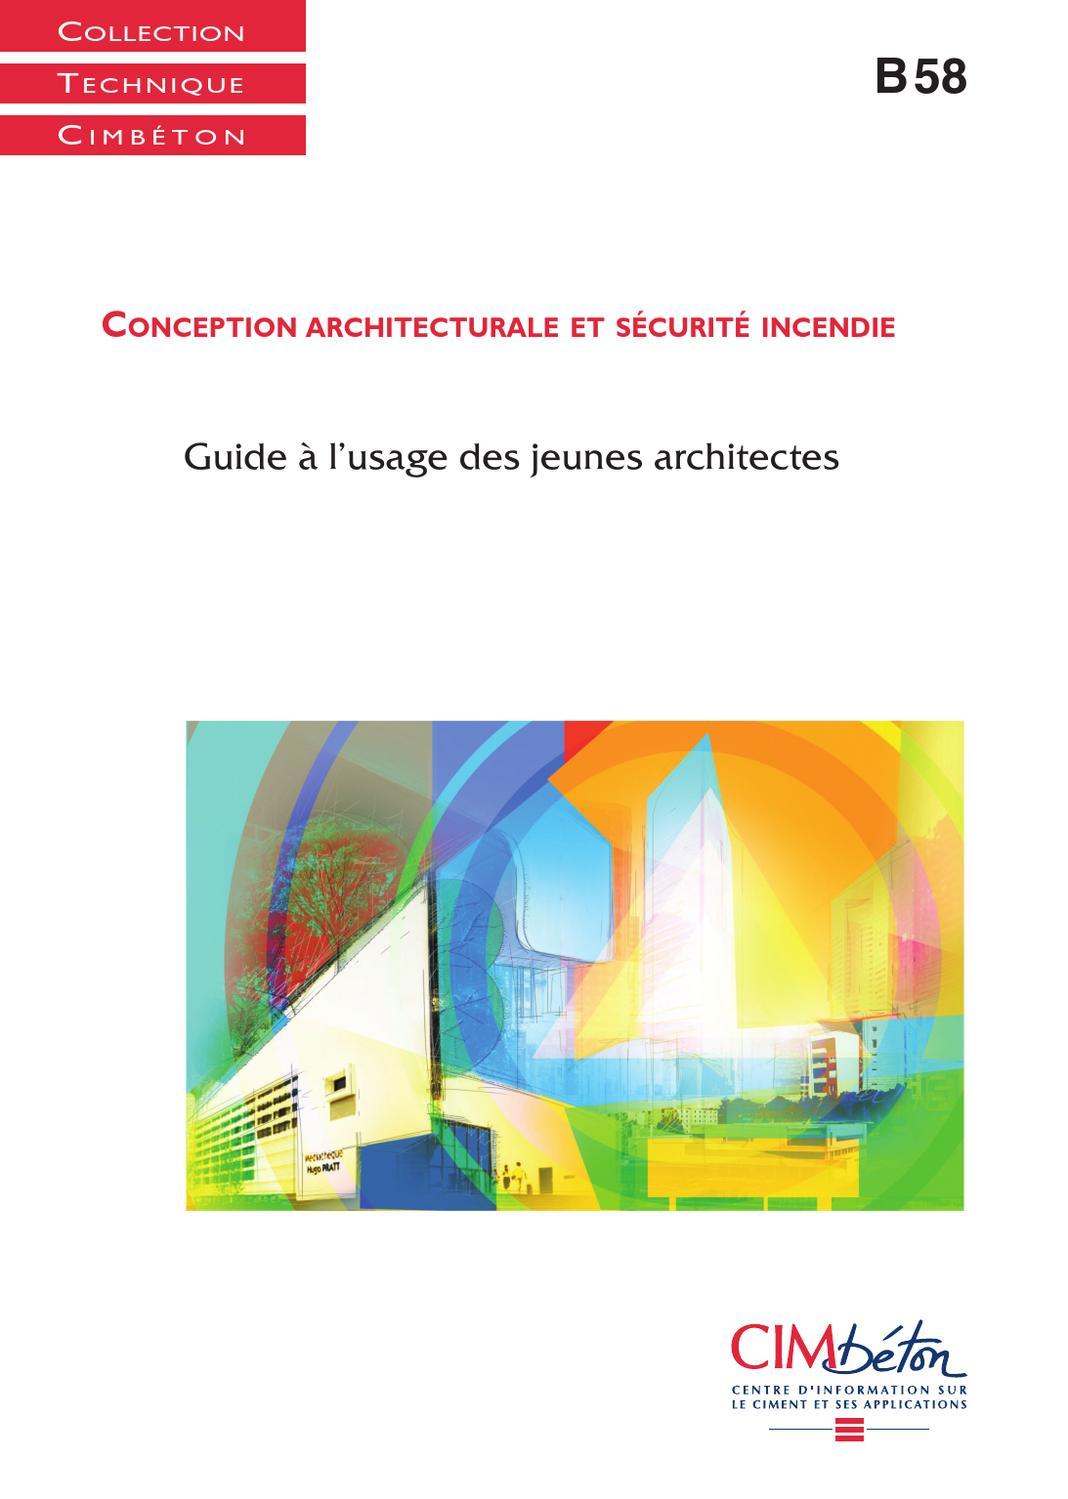 24671dc118be8 Conception architecturale et sécurité incendie by infociments fr - issuu